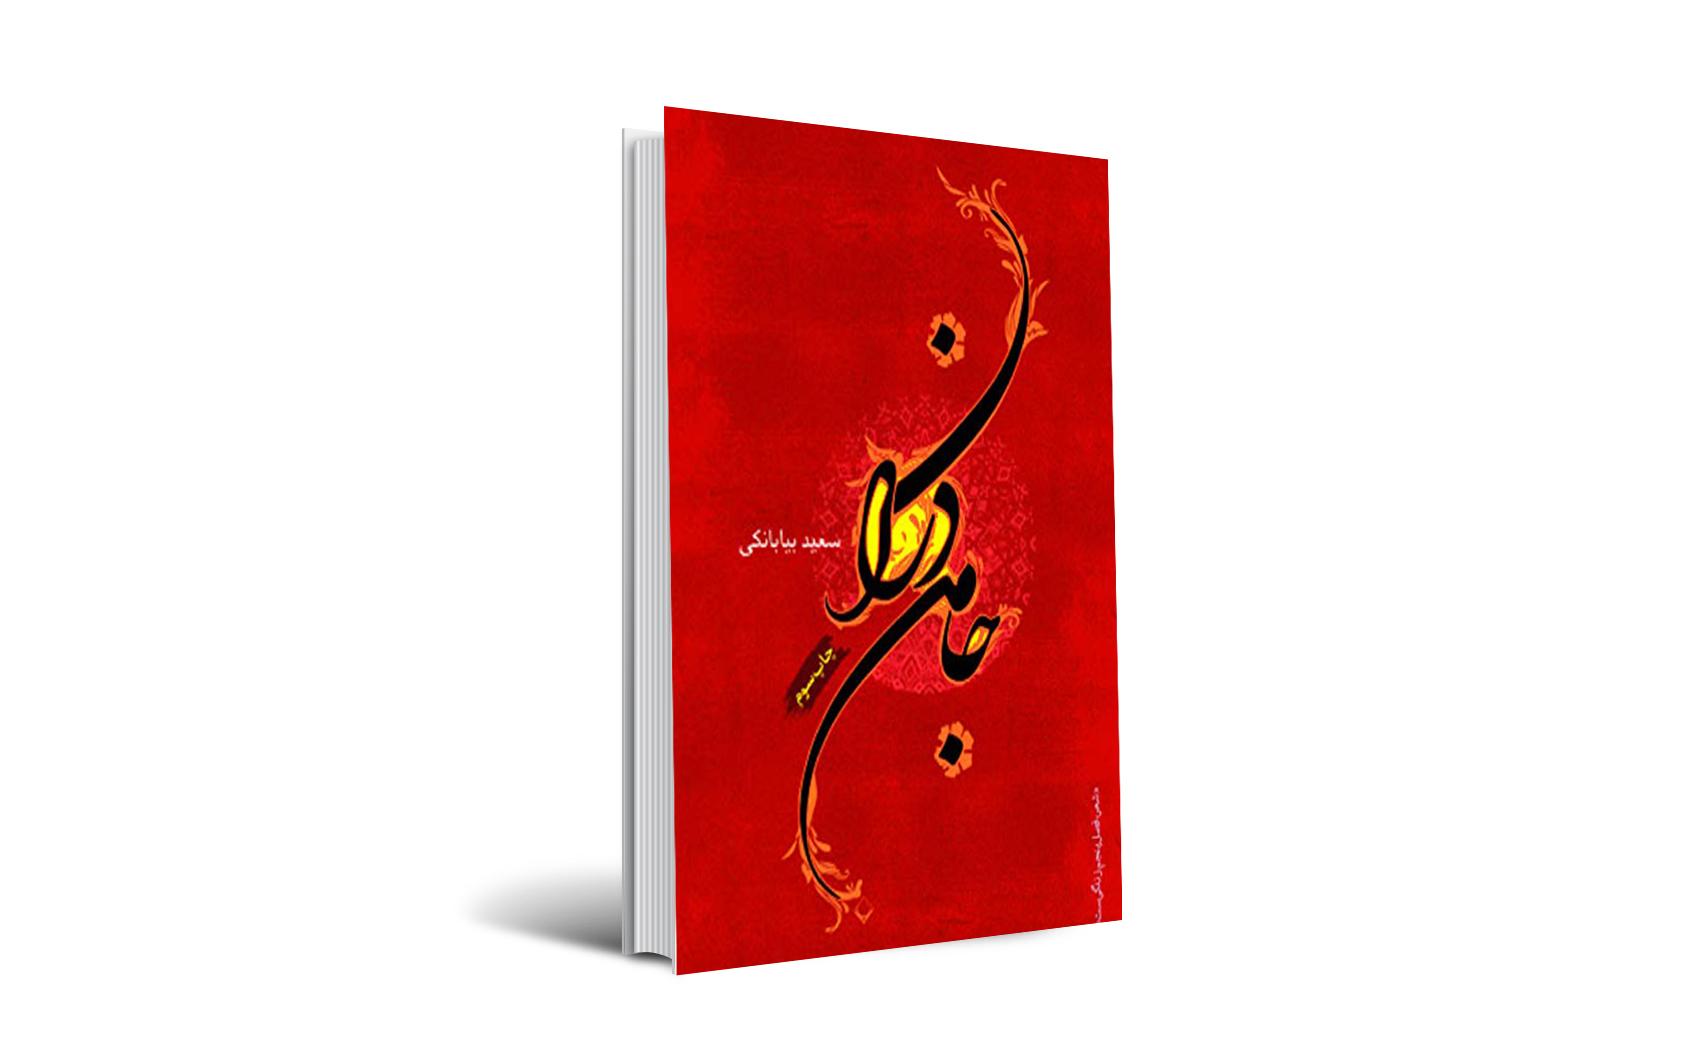 کتاب جامه دران